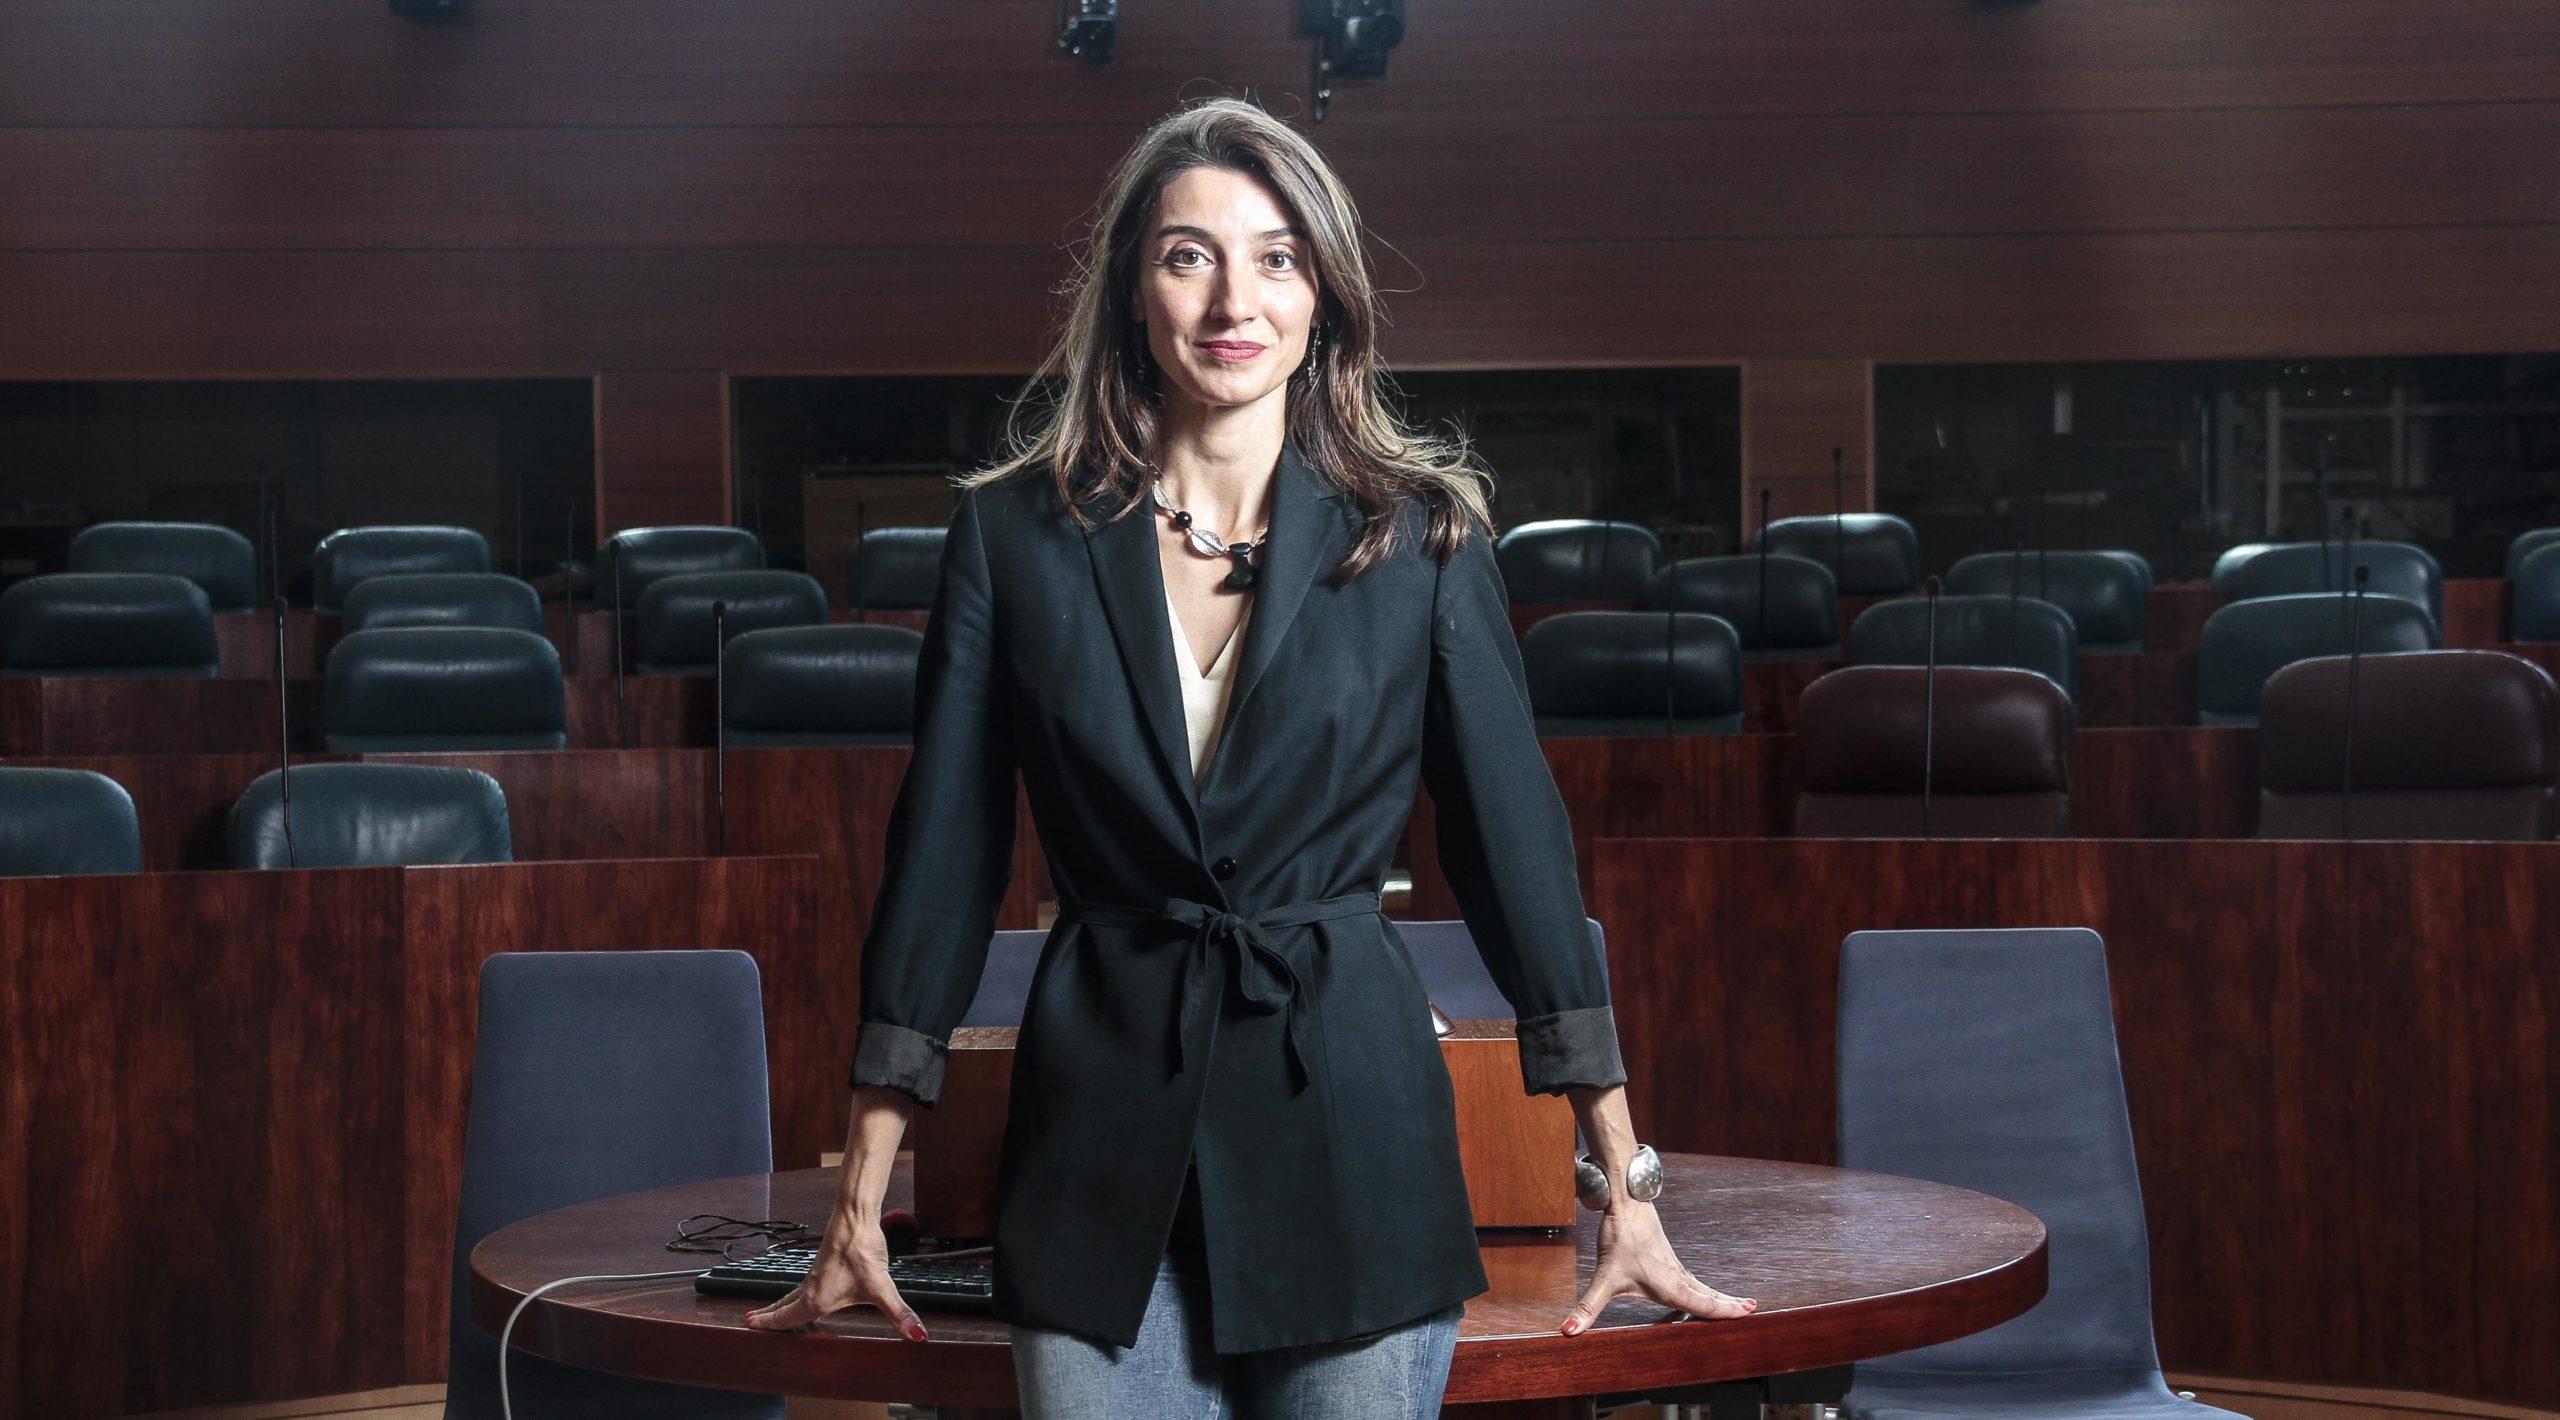 La magistrada Pilar Llop, diputada autonómica del PSOE de Madrid, es una de las grandes expertas en este campo; su destino, hasta su entrada en la política, era uno de los Juzgados de Violencia sobre la Mujer de la capital. Confilegal.